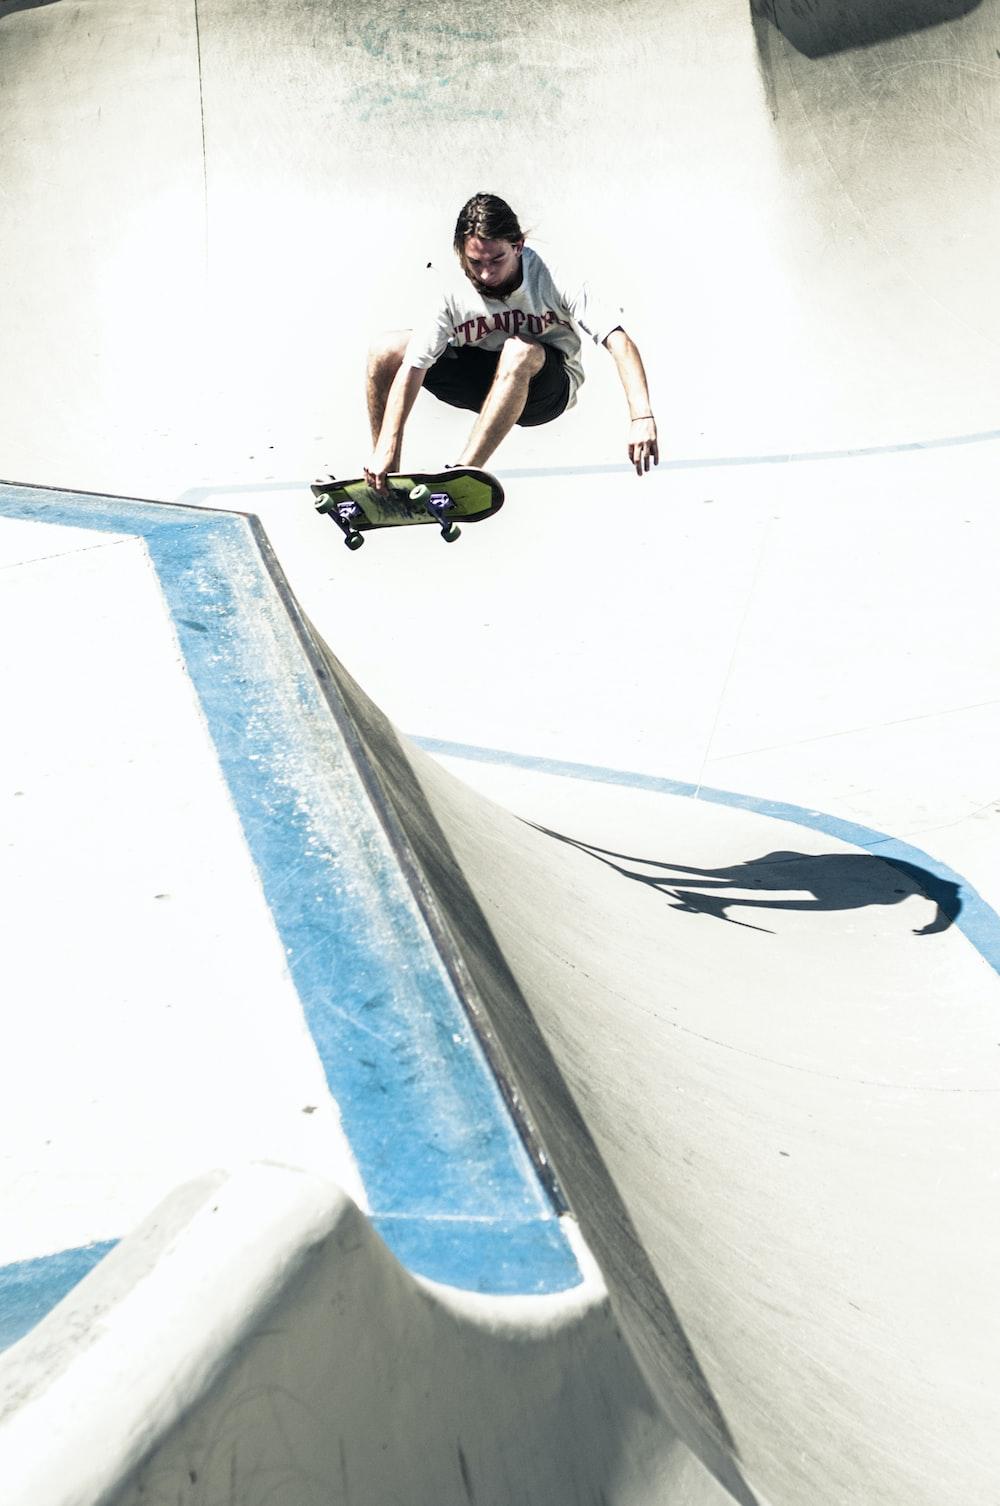 person riding skate board